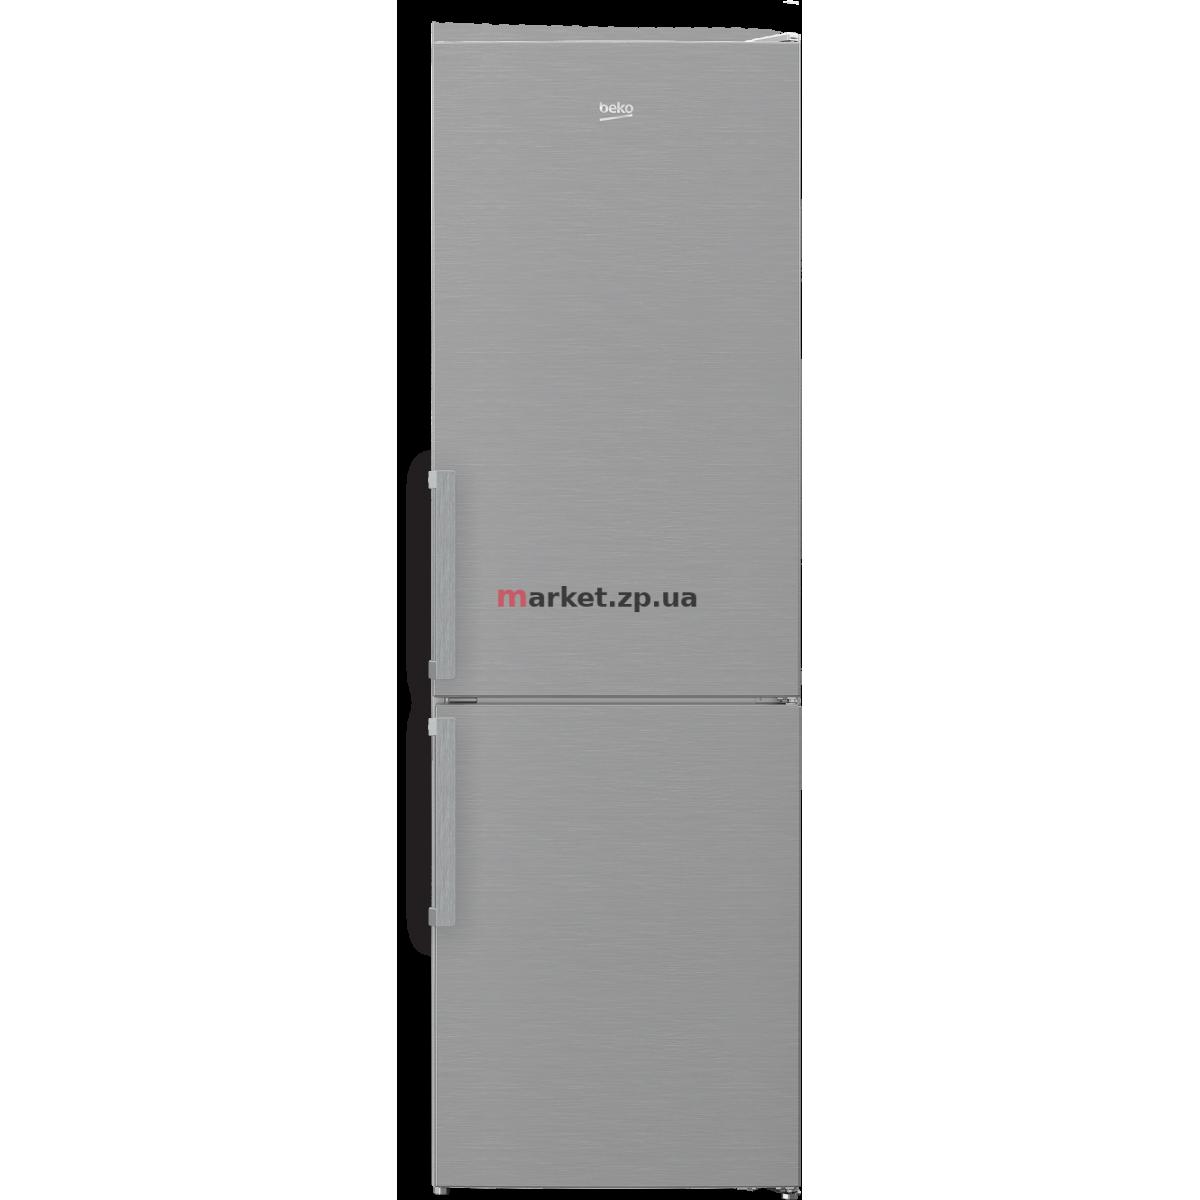 Холодильник BEKO RCSA 406K 31XB